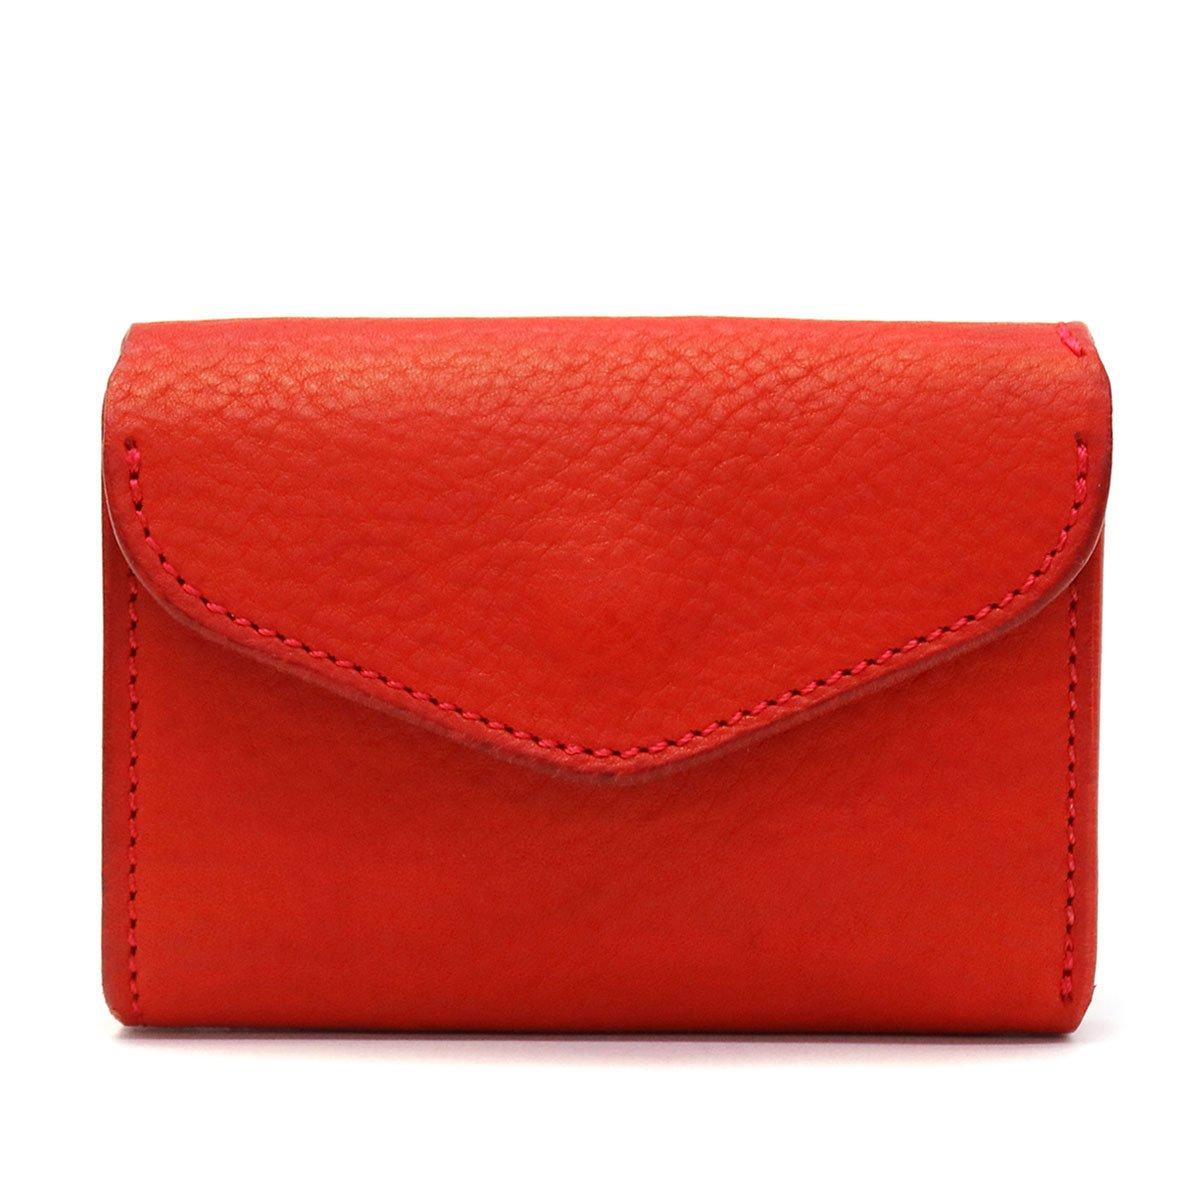 [クランプ]Cramp 三つ折り財布 Italian Shrink Leather Cr-170 B07CR3L8SX レッド レッド -